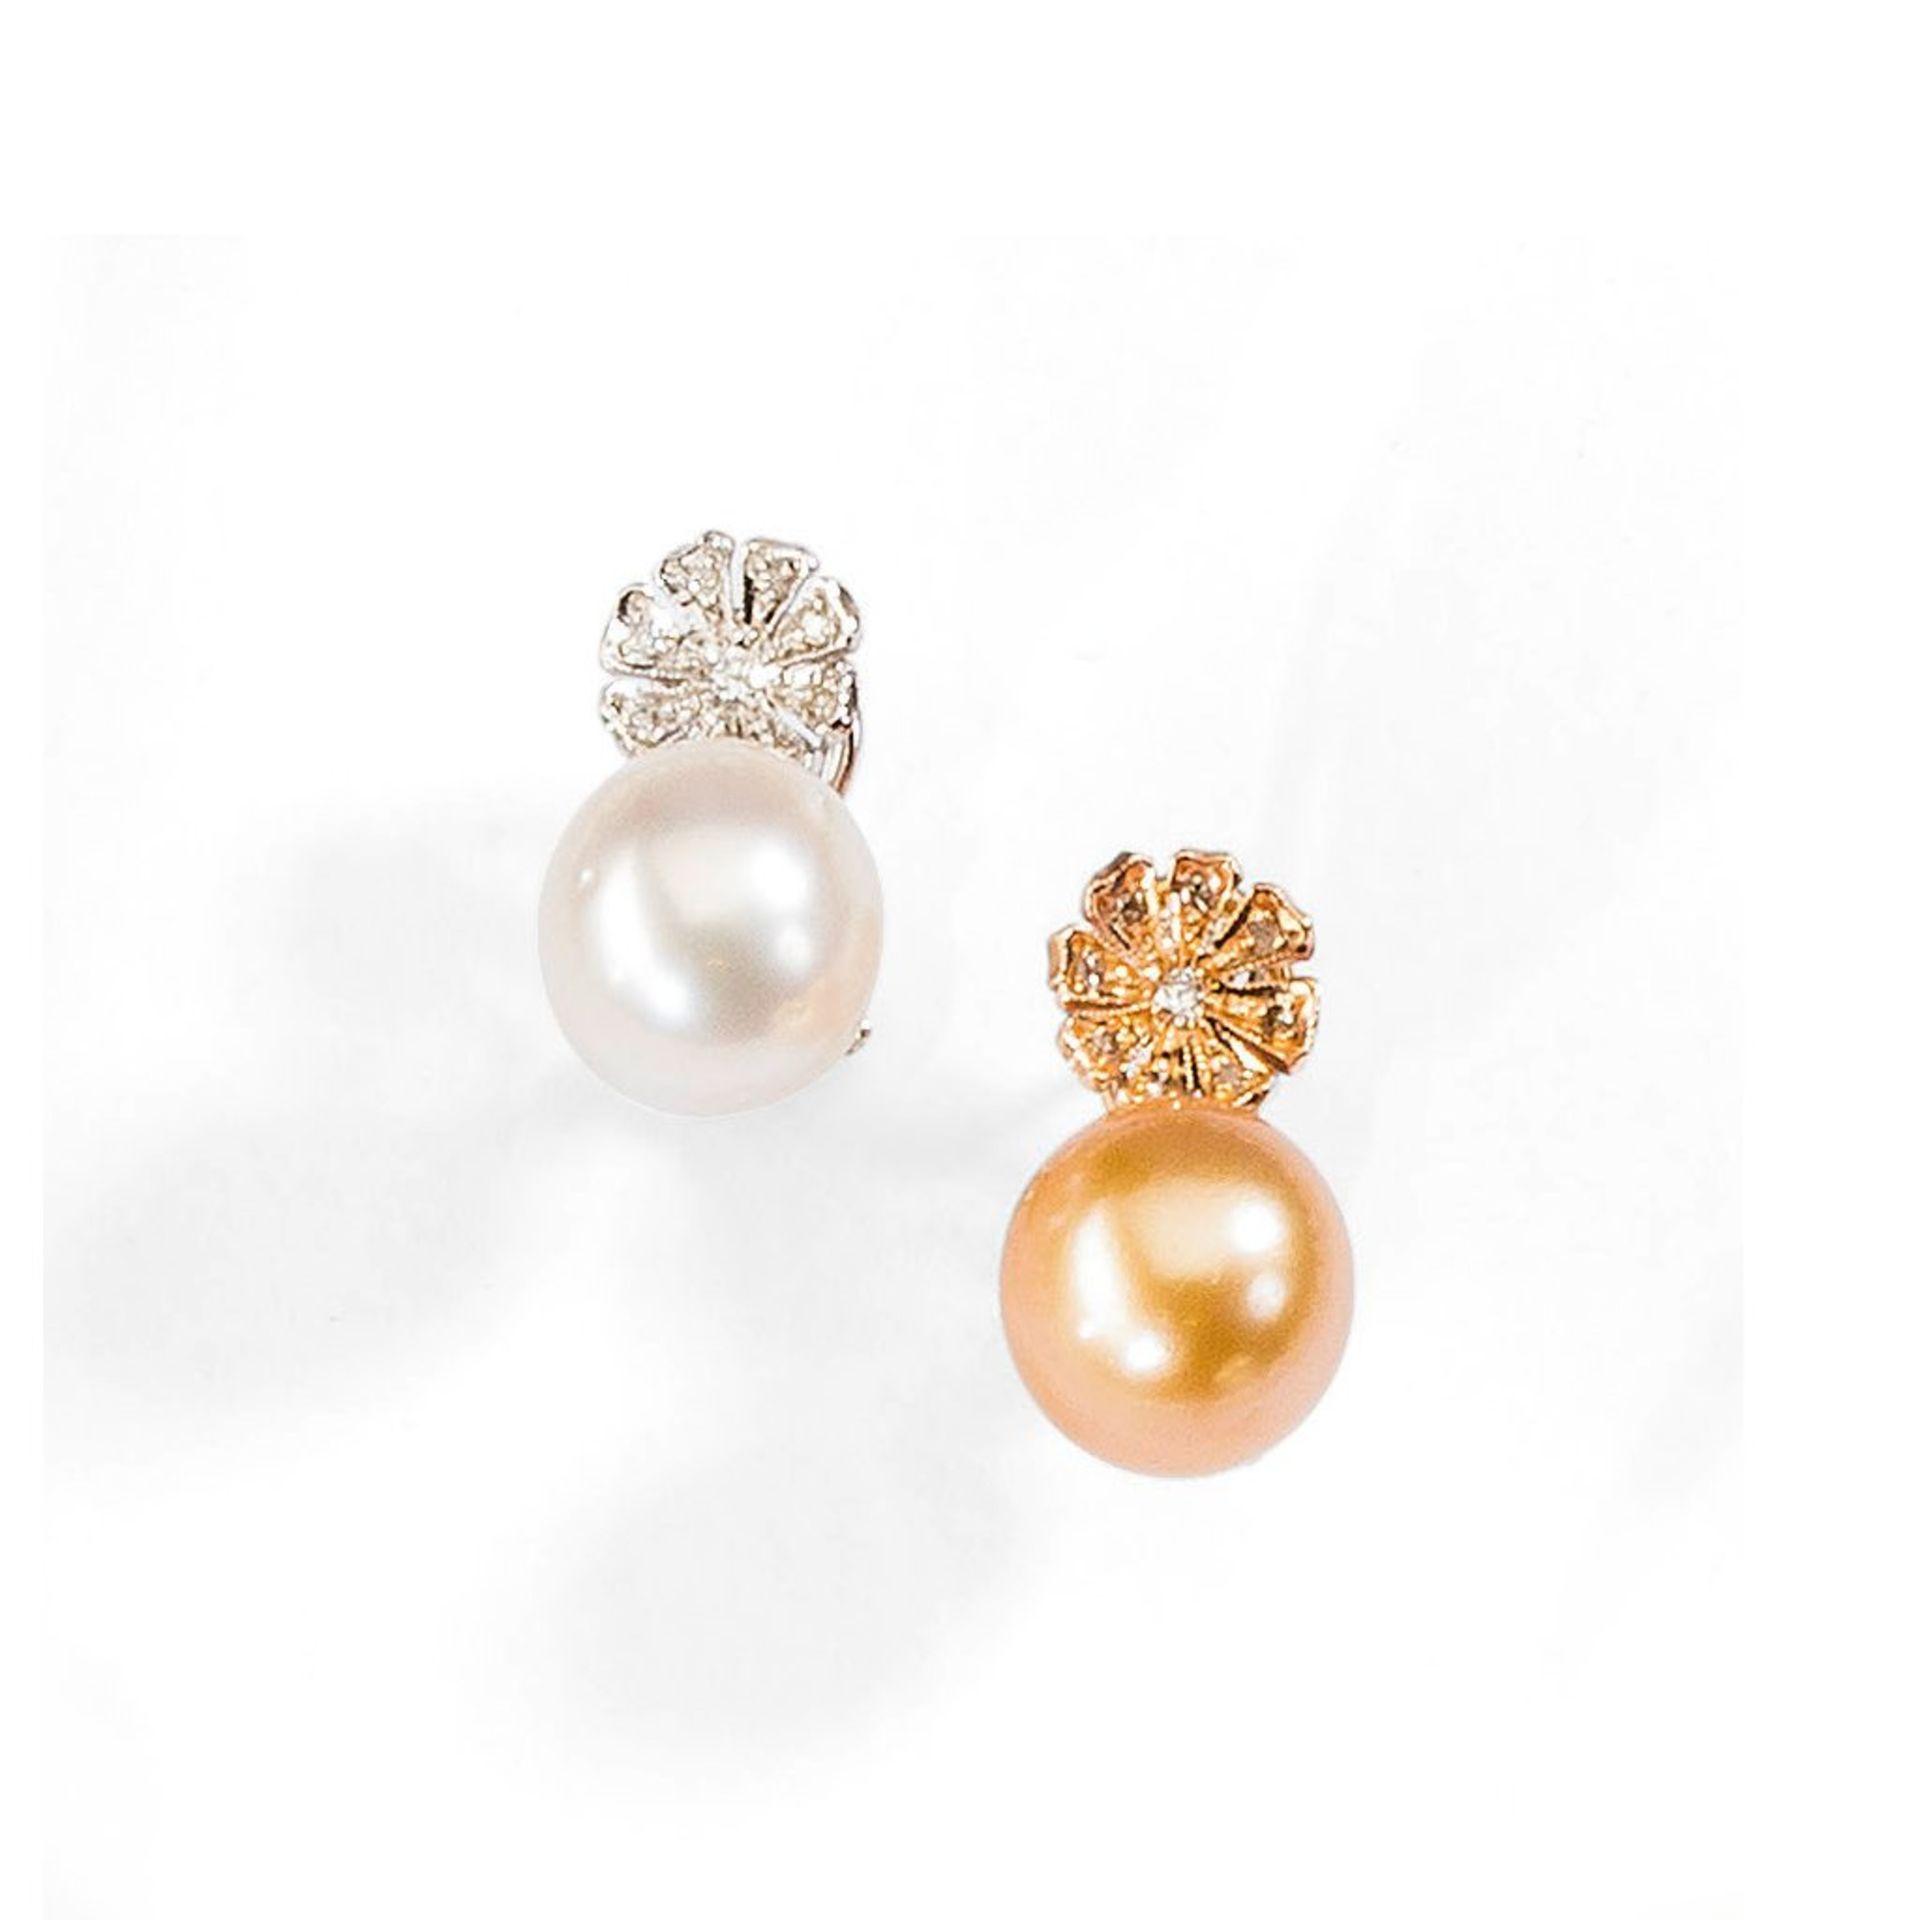 Paar prachtvolle Perl-/Brillantohrclips. Goldfarbene und weiße Perle, Ø 13 mm. Brillanten ca. 0,27